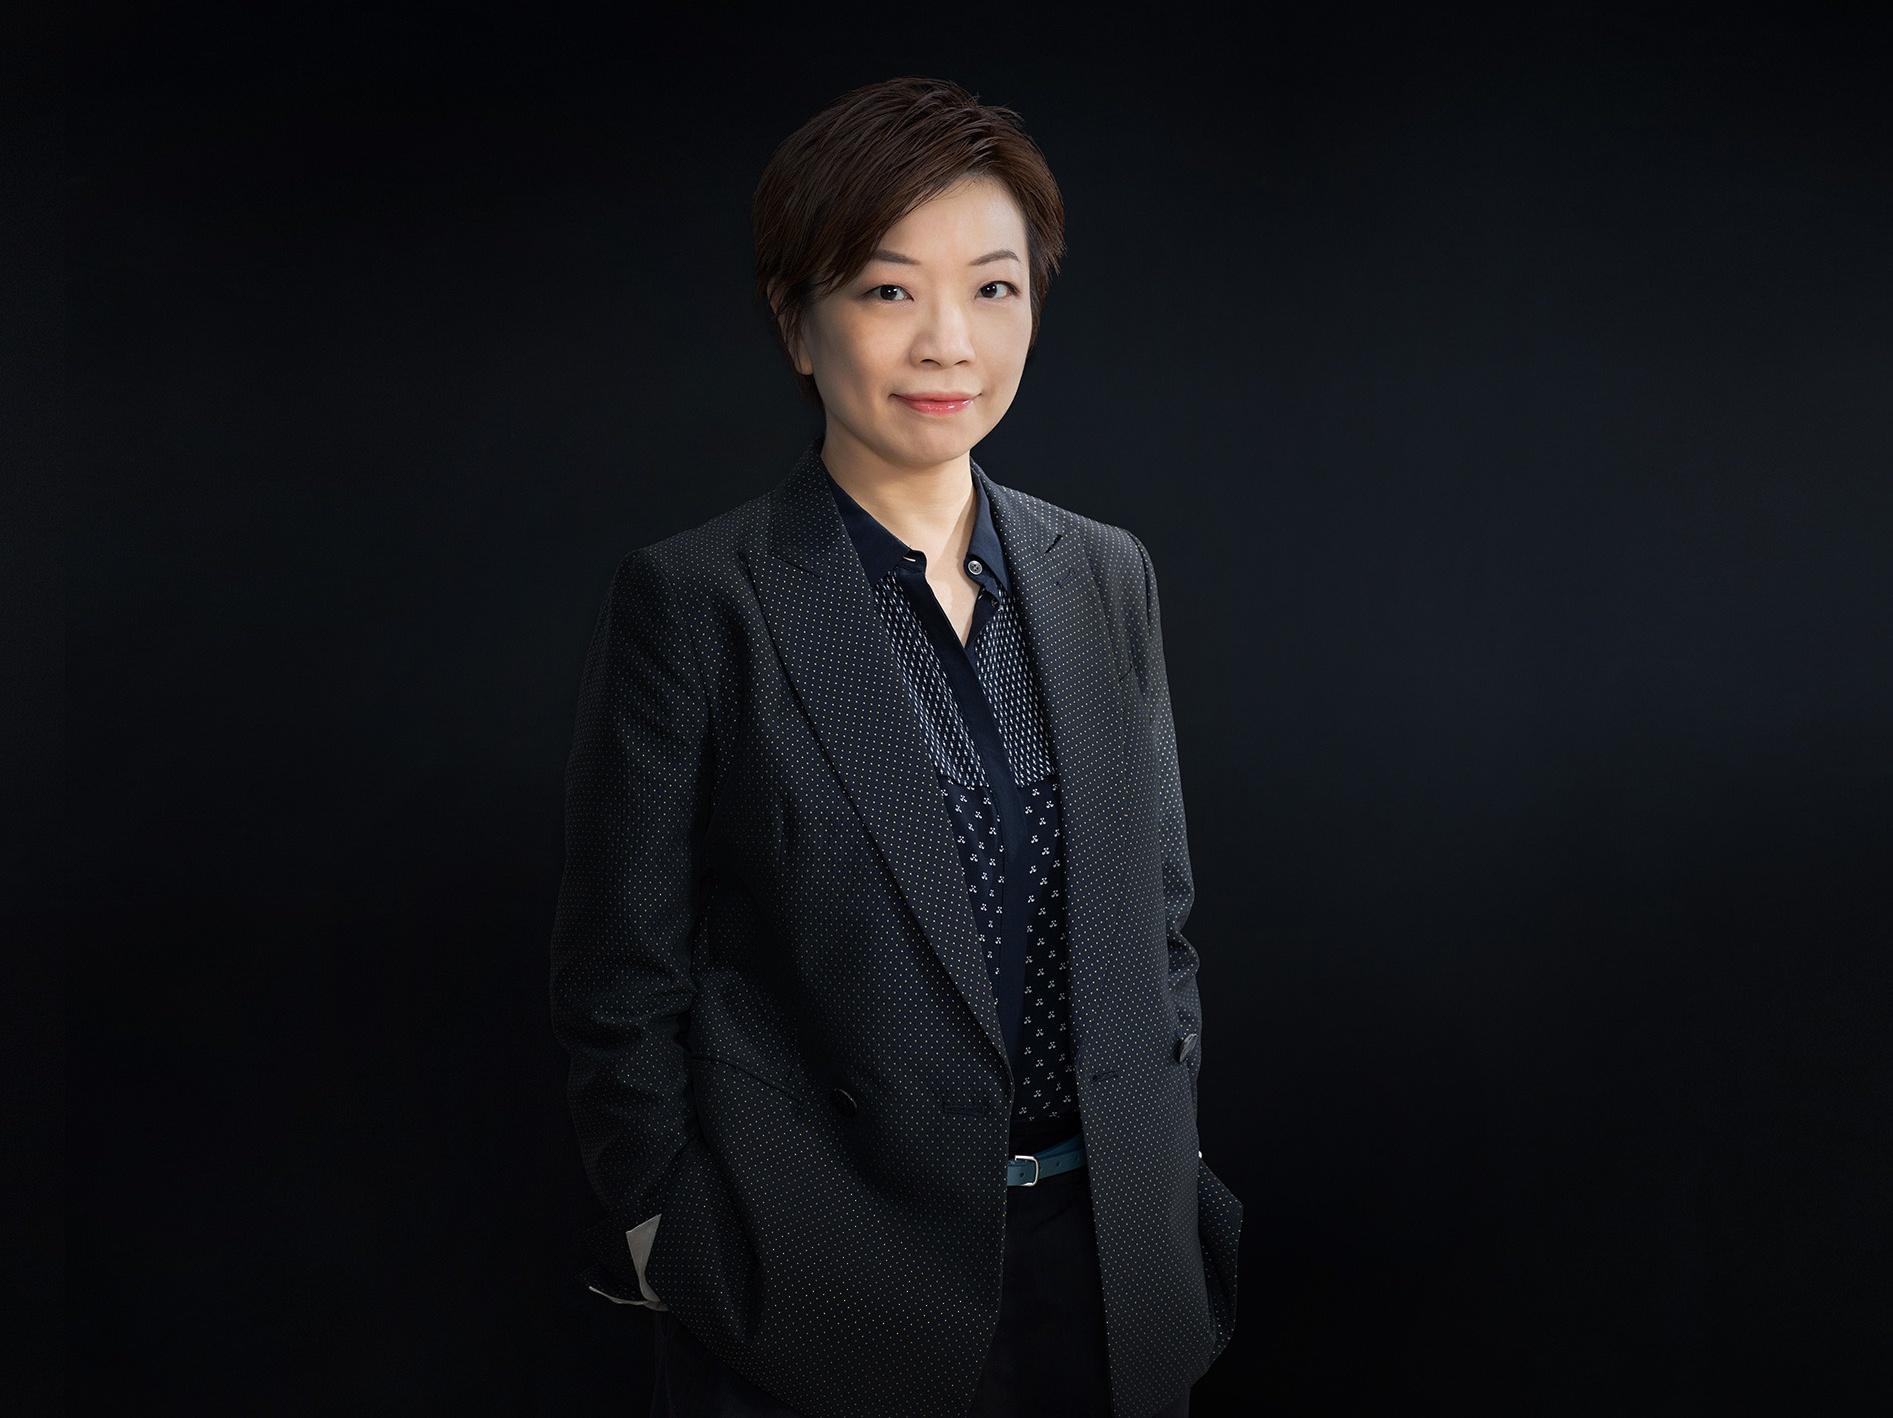 Vanessa Chang